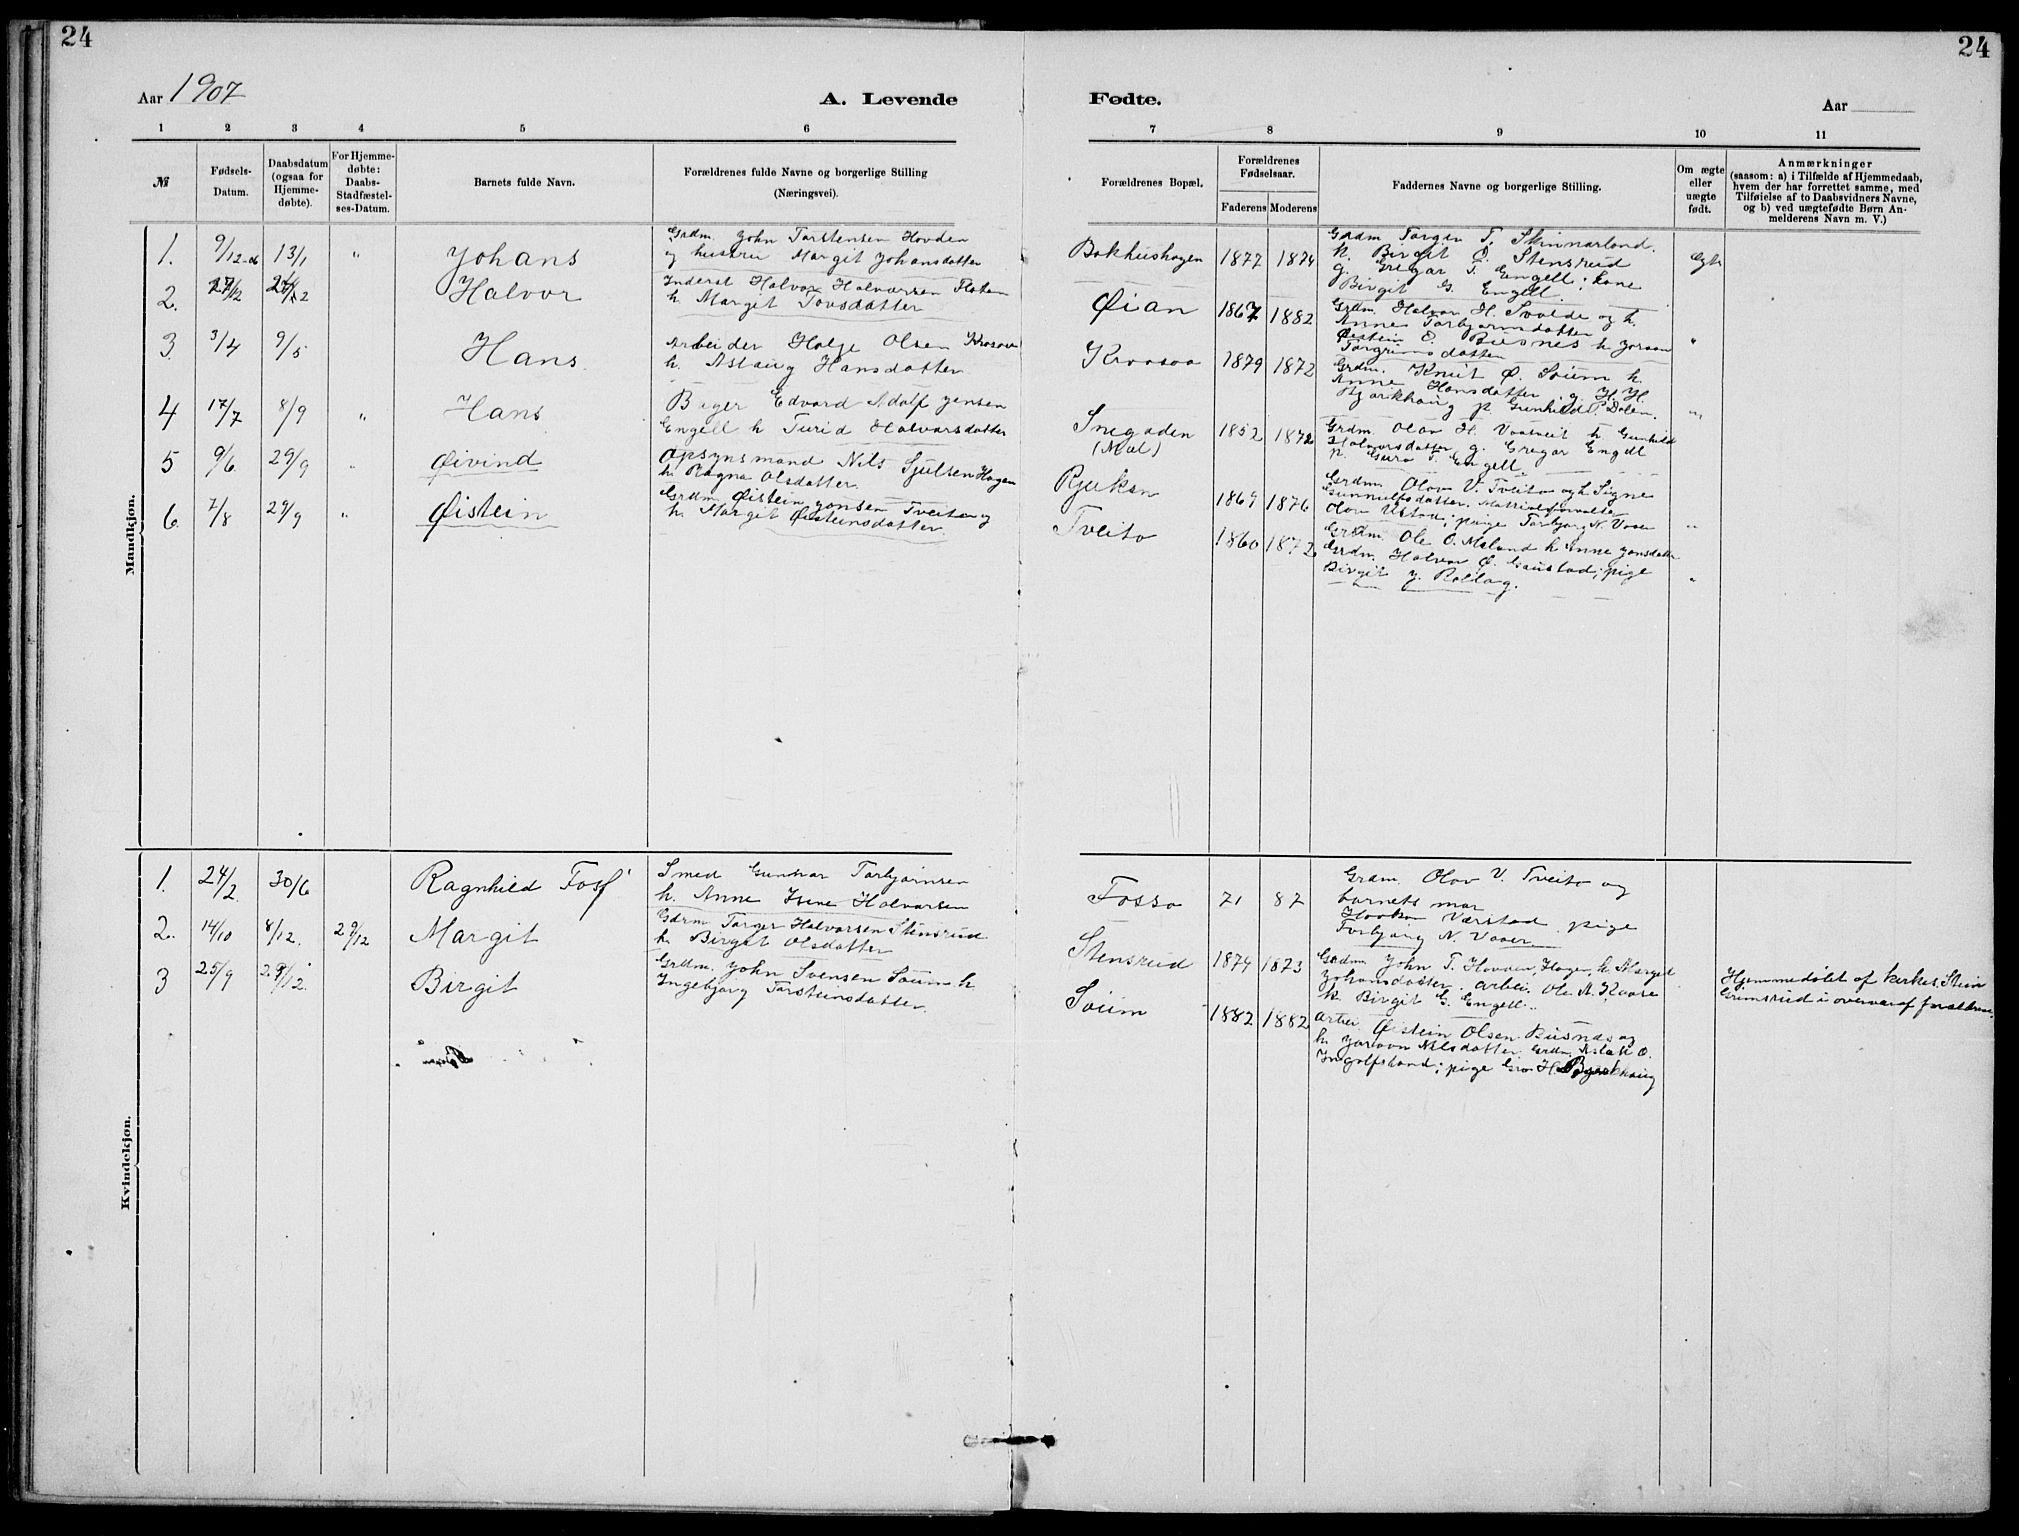 SAKO, Rjukan kirkebøker, G/Ga/L0001: Klokkerbok nr. 1, 1880-1914, s. 24